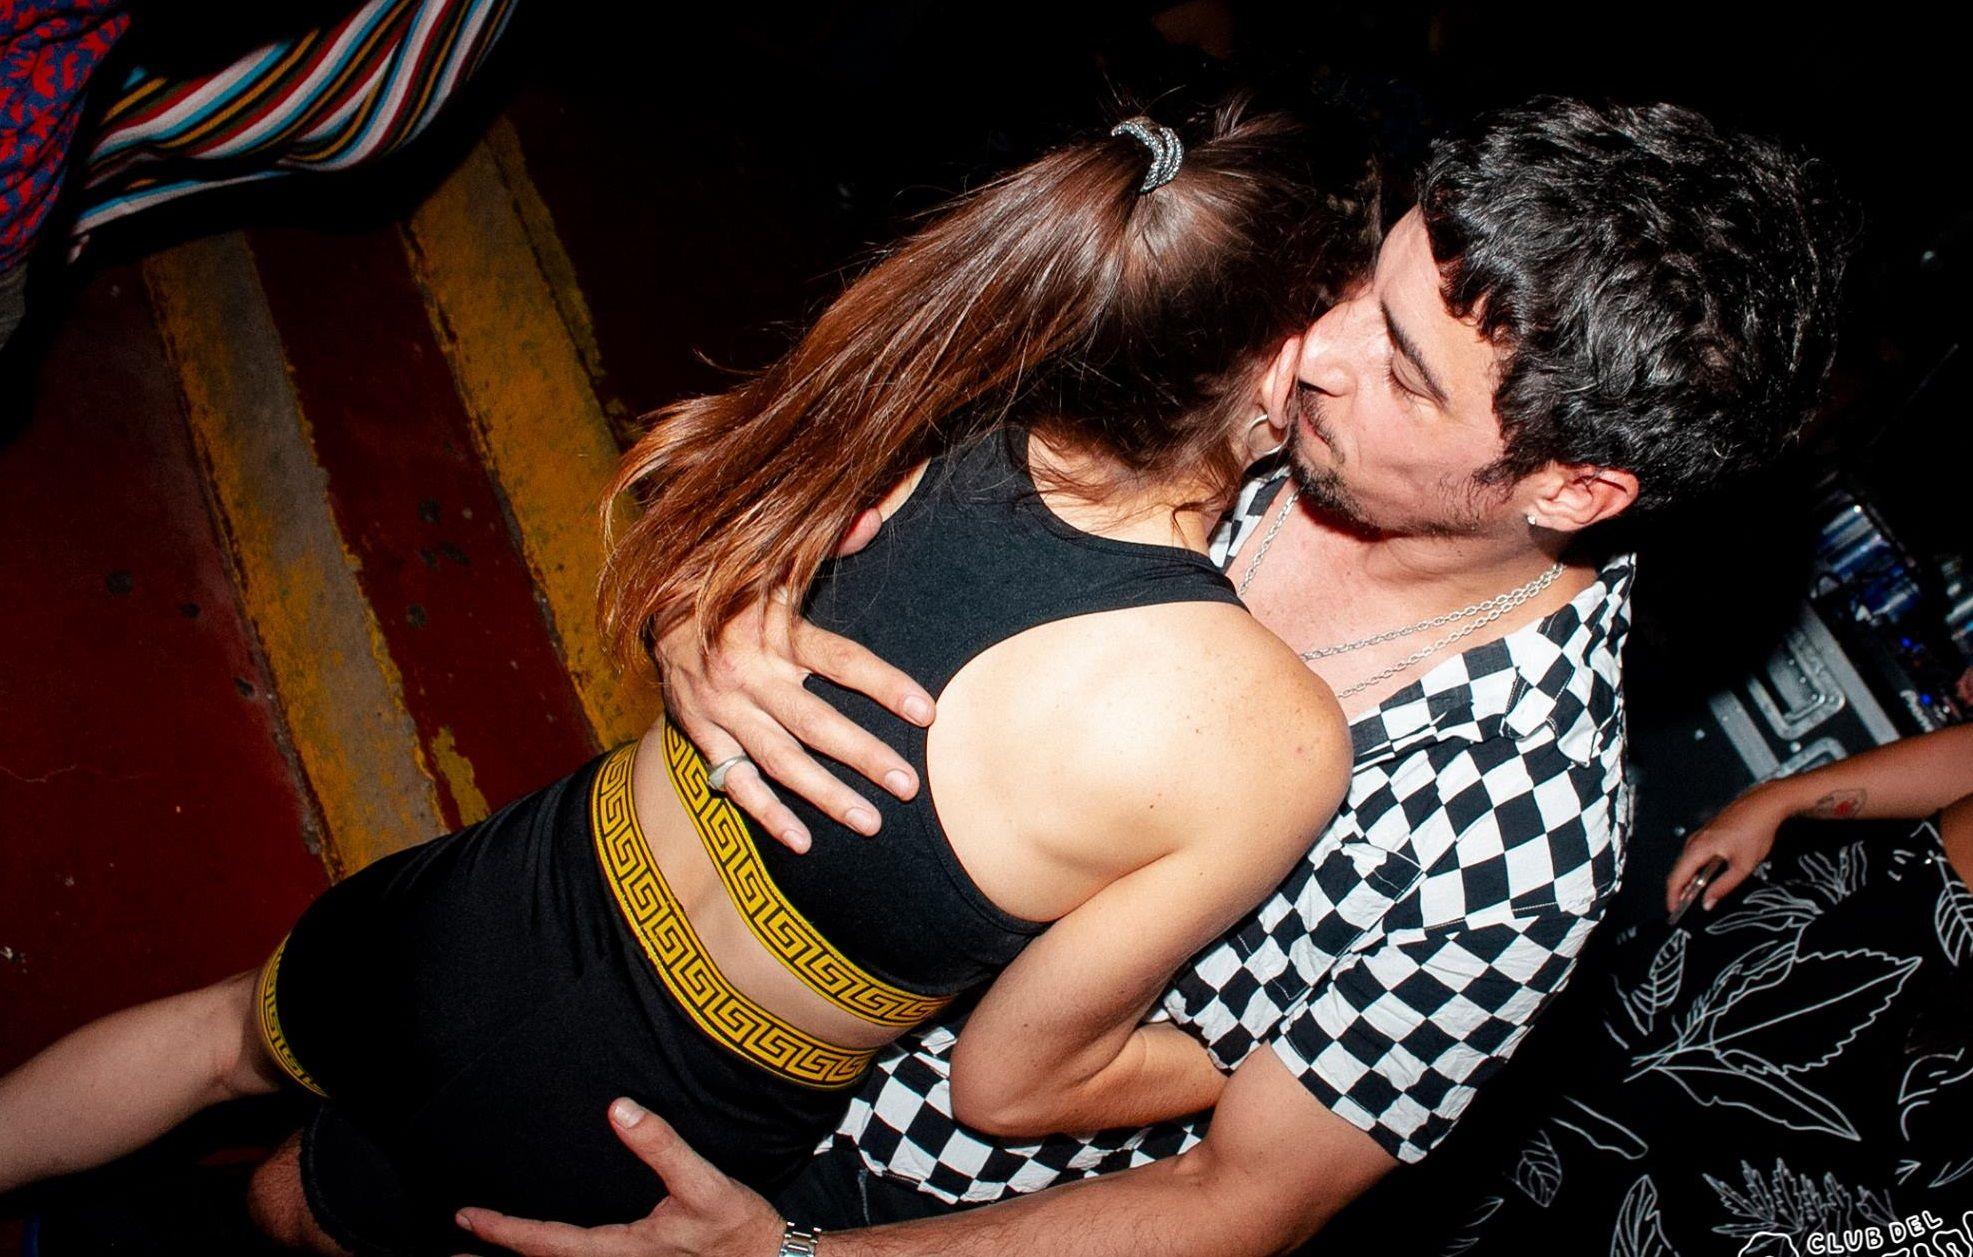 Esteban Lamothe y su novia  Katia Szechtman, de fiesta ¡total! en una disco de Mendoza